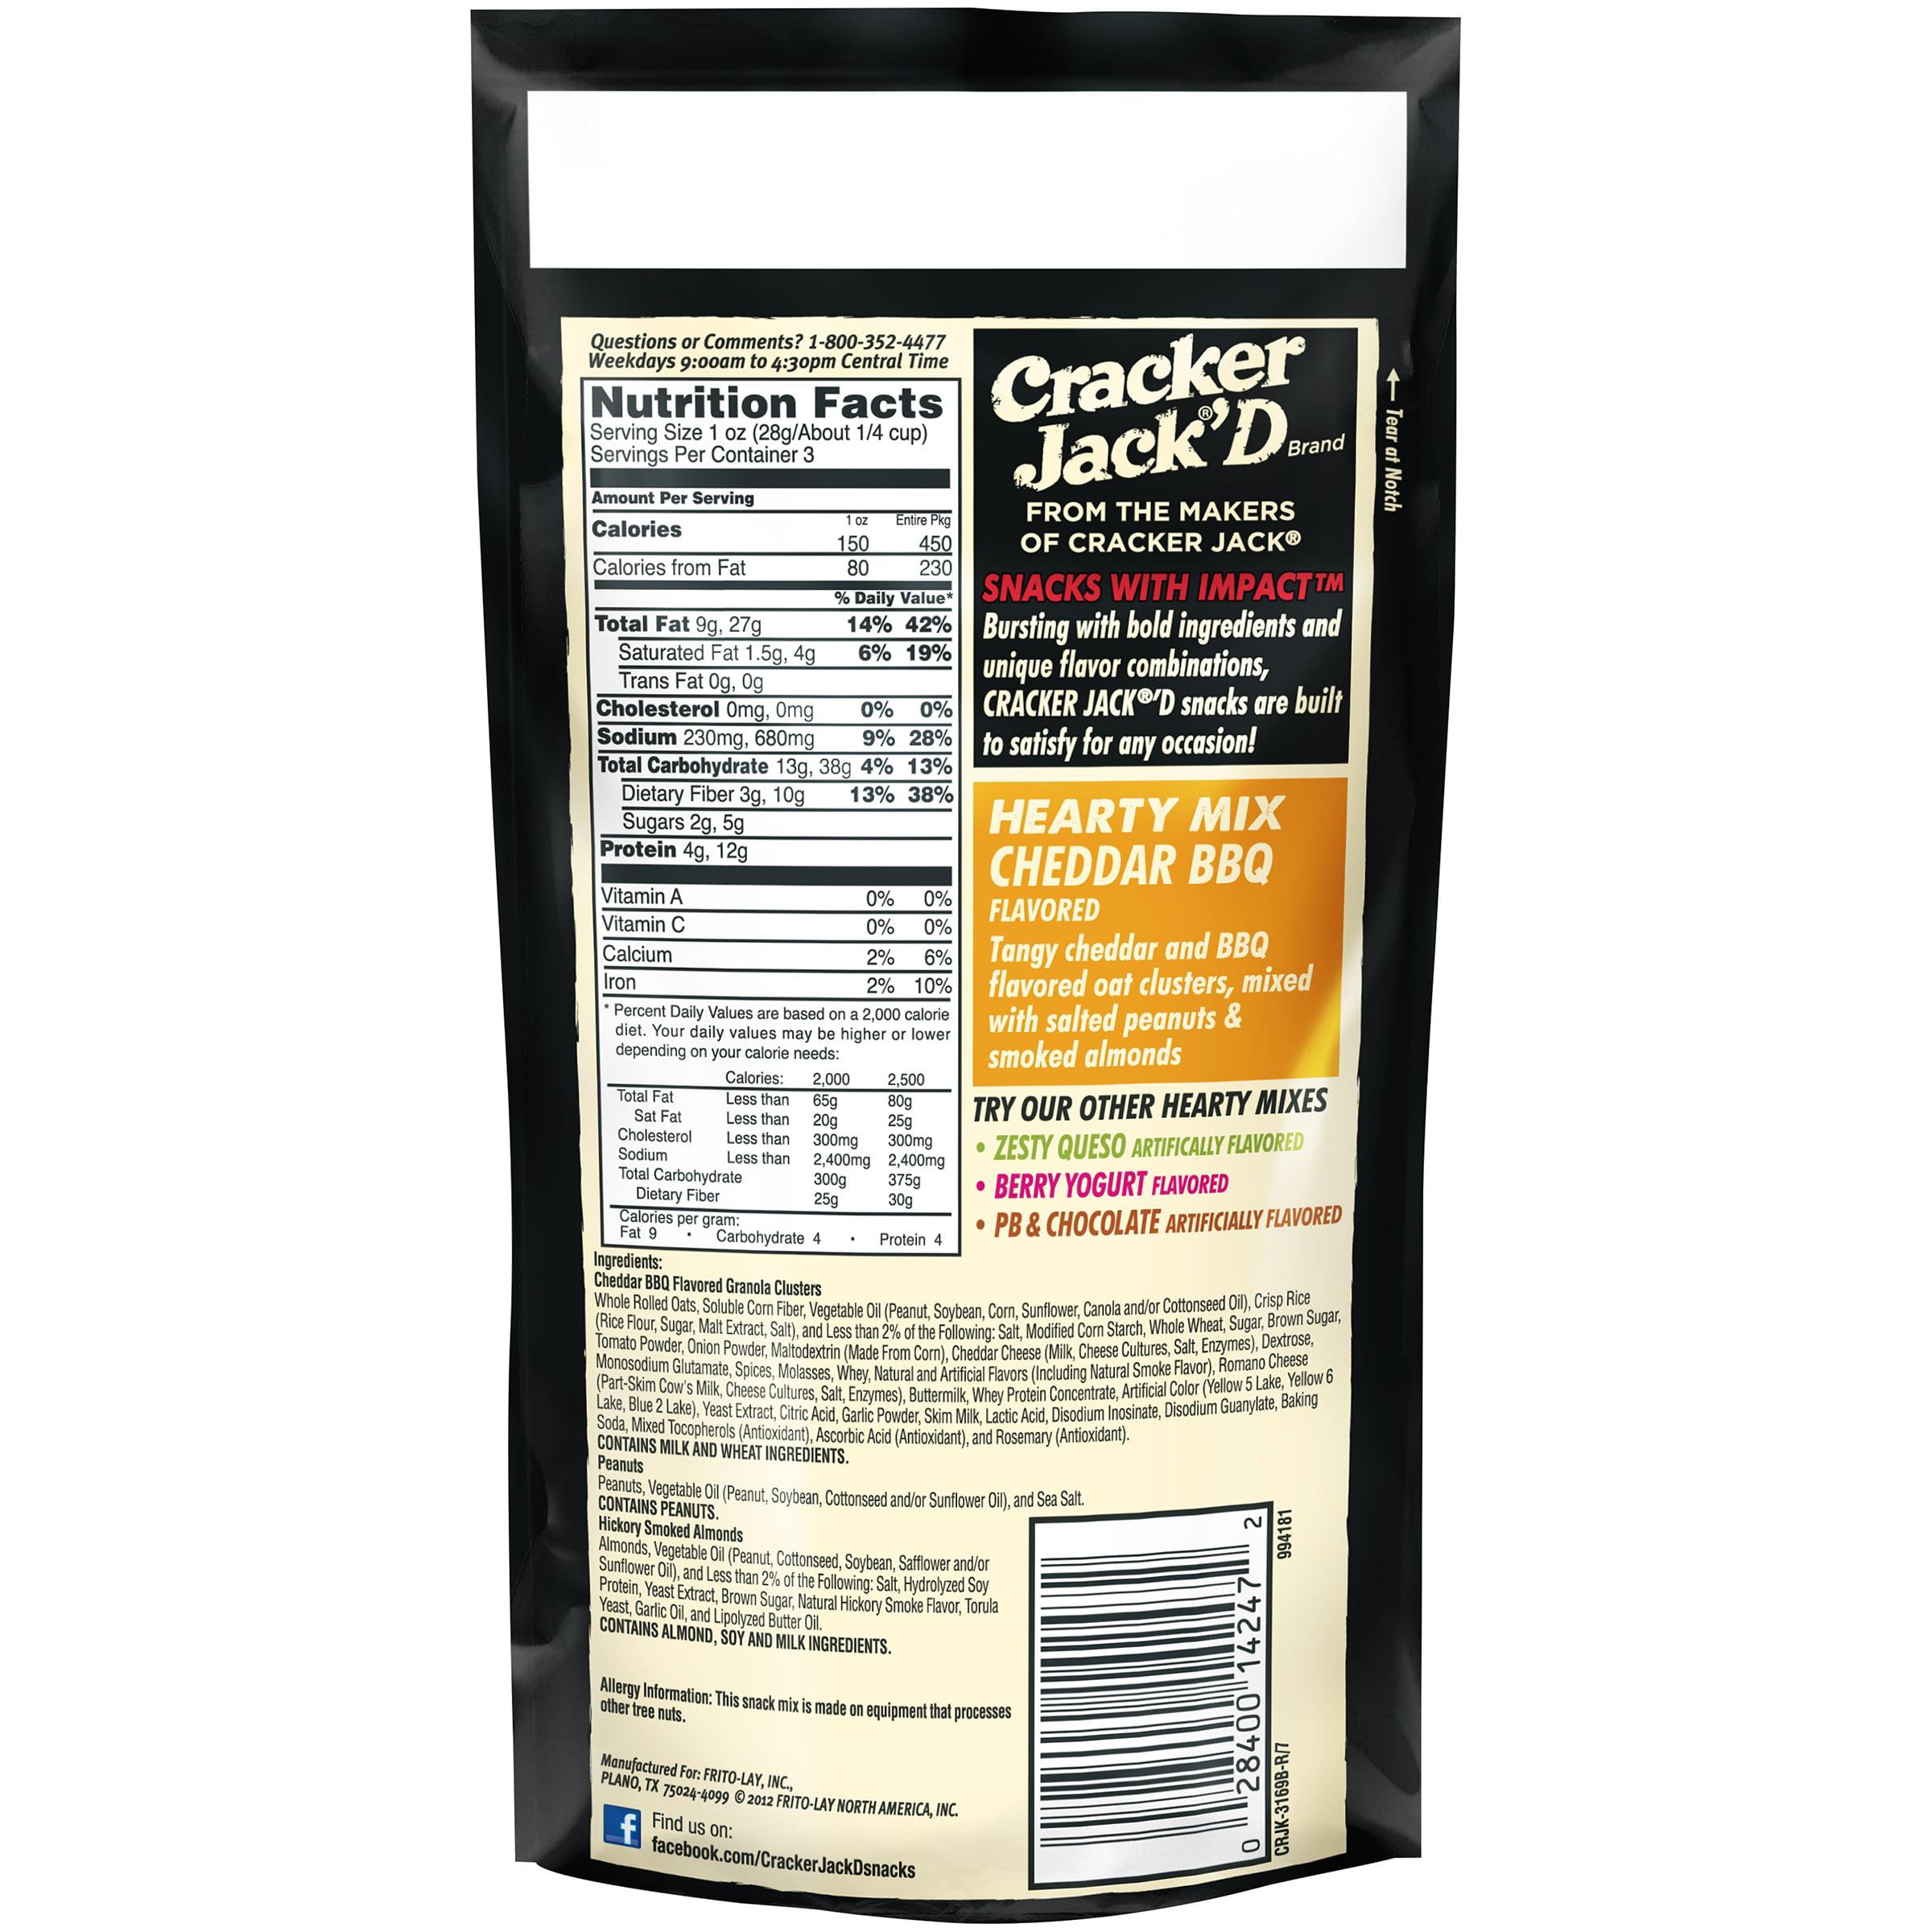 Cracker Jack\'D Hearty Mix Cheddar BBQ Snack Mix 3 oz. Bag - Walmart.com